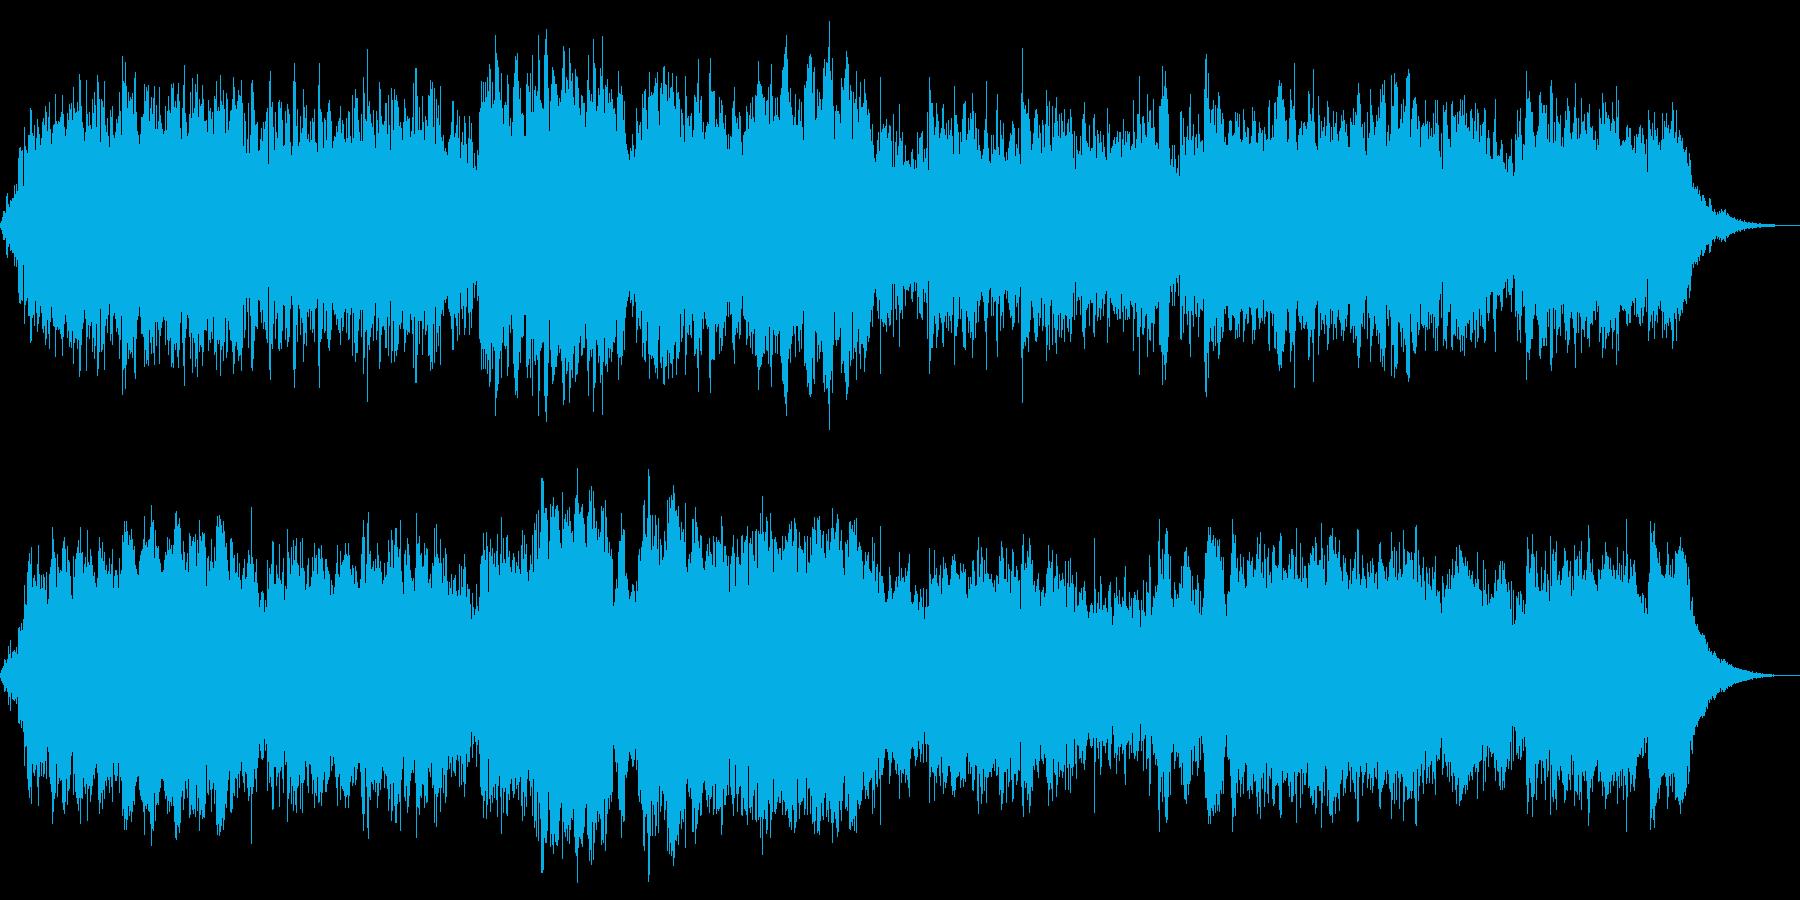 岩盤浴のBGM/神秘的なヒーリング/瞑想の再生済みの波形